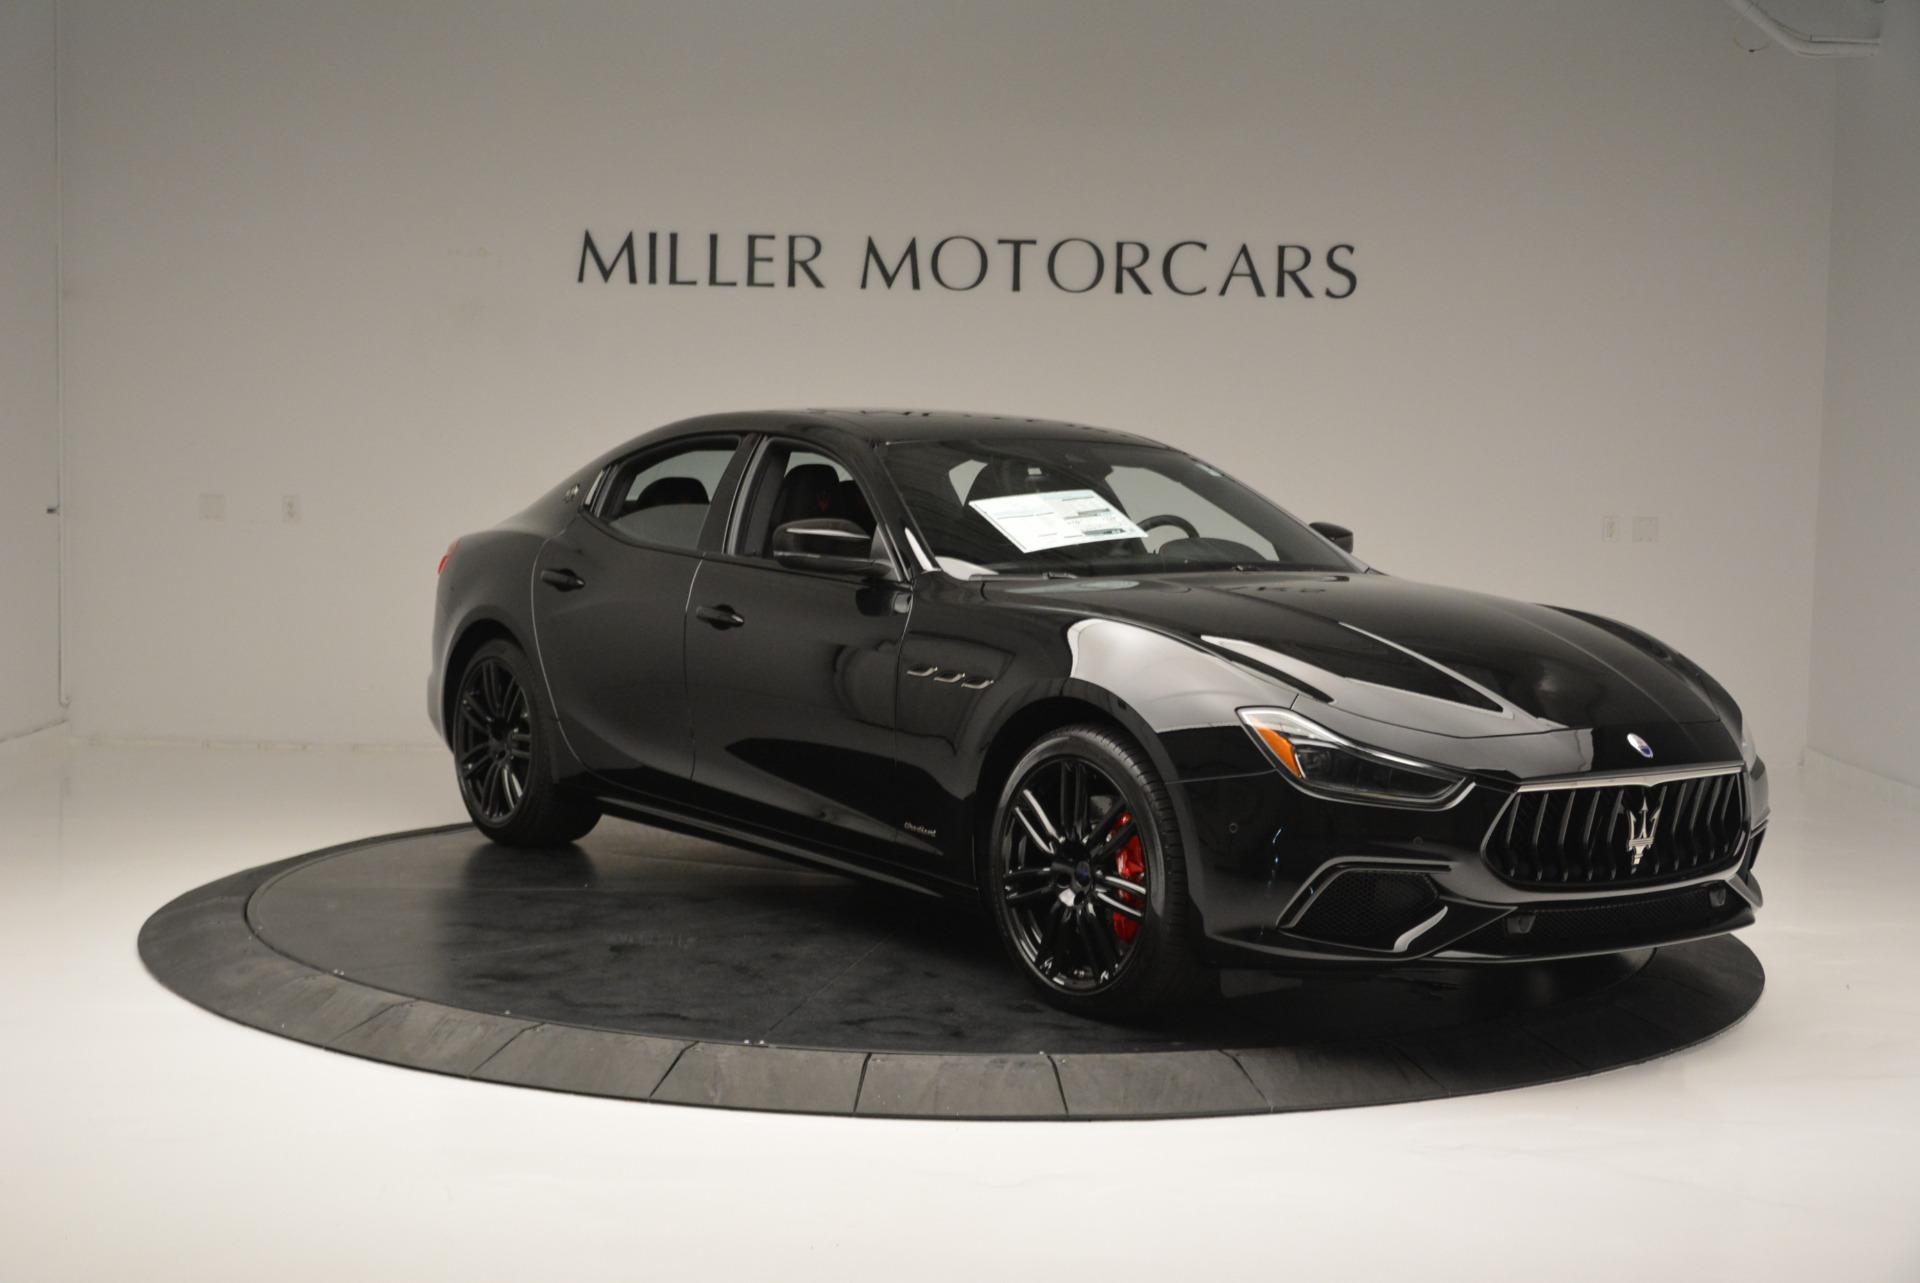 New 2018 Maserati Ghibli SQ4 GranSport Nerissimo For Sale In Greenwich, CT 2372_p11